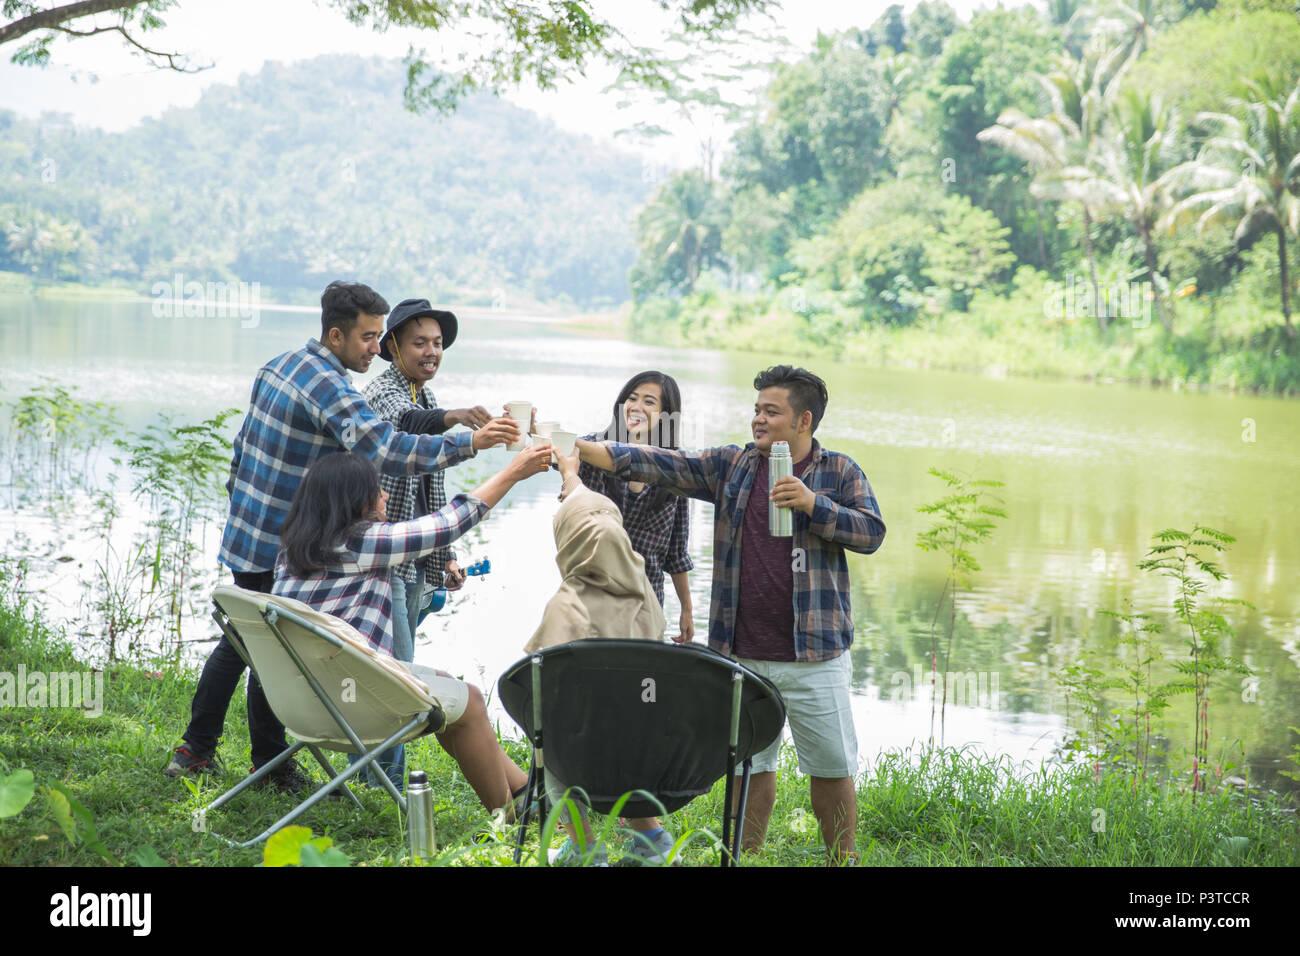 Amistad Hangout viajar destino cheers de vidrio. Imagen De Stock